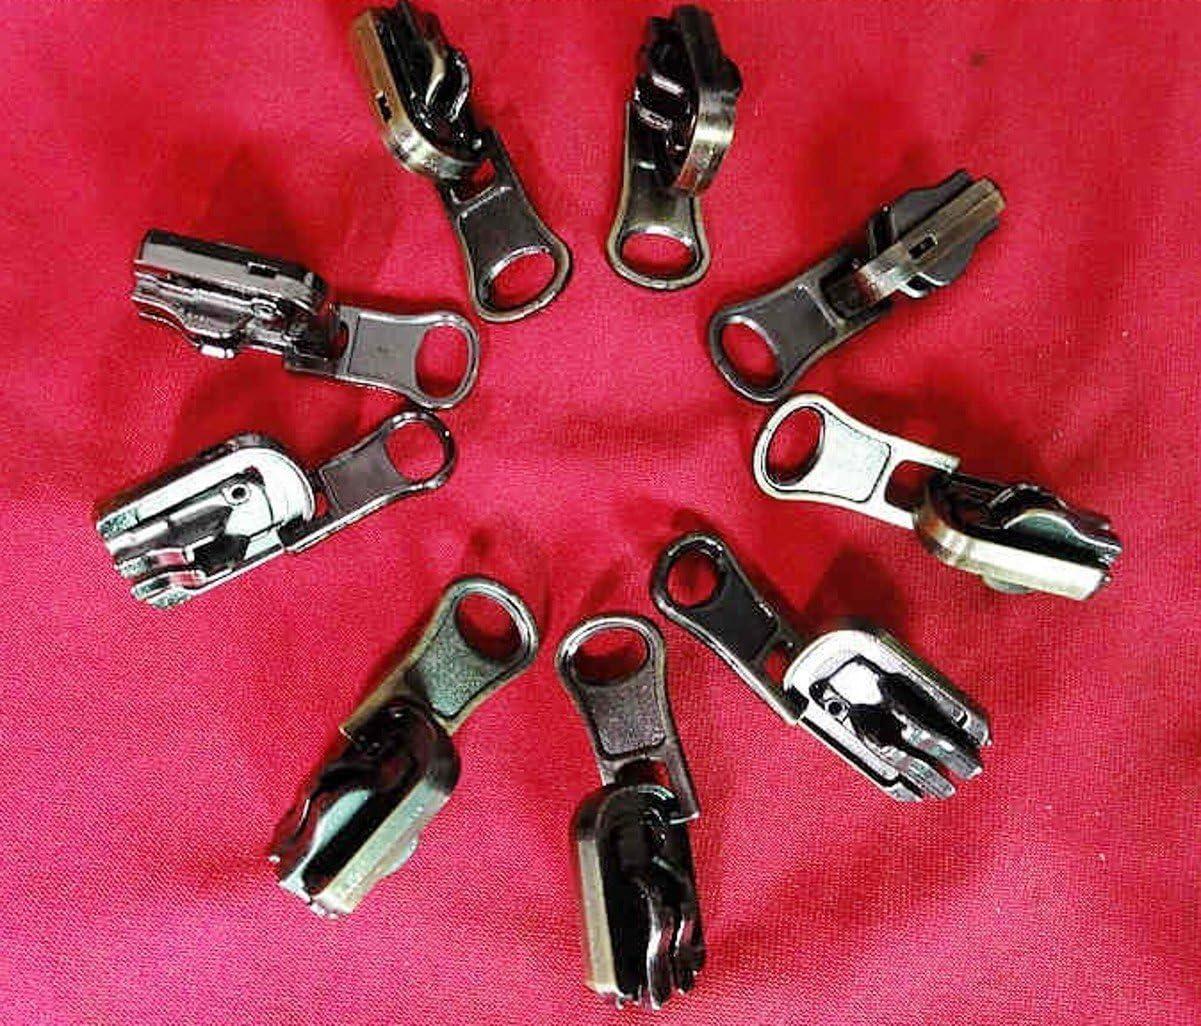 CHENGYIDA Lot de 10 curseurs r/éversibles en r/ésine avec Fermeture /éclair n/°5 Couleur Nickel